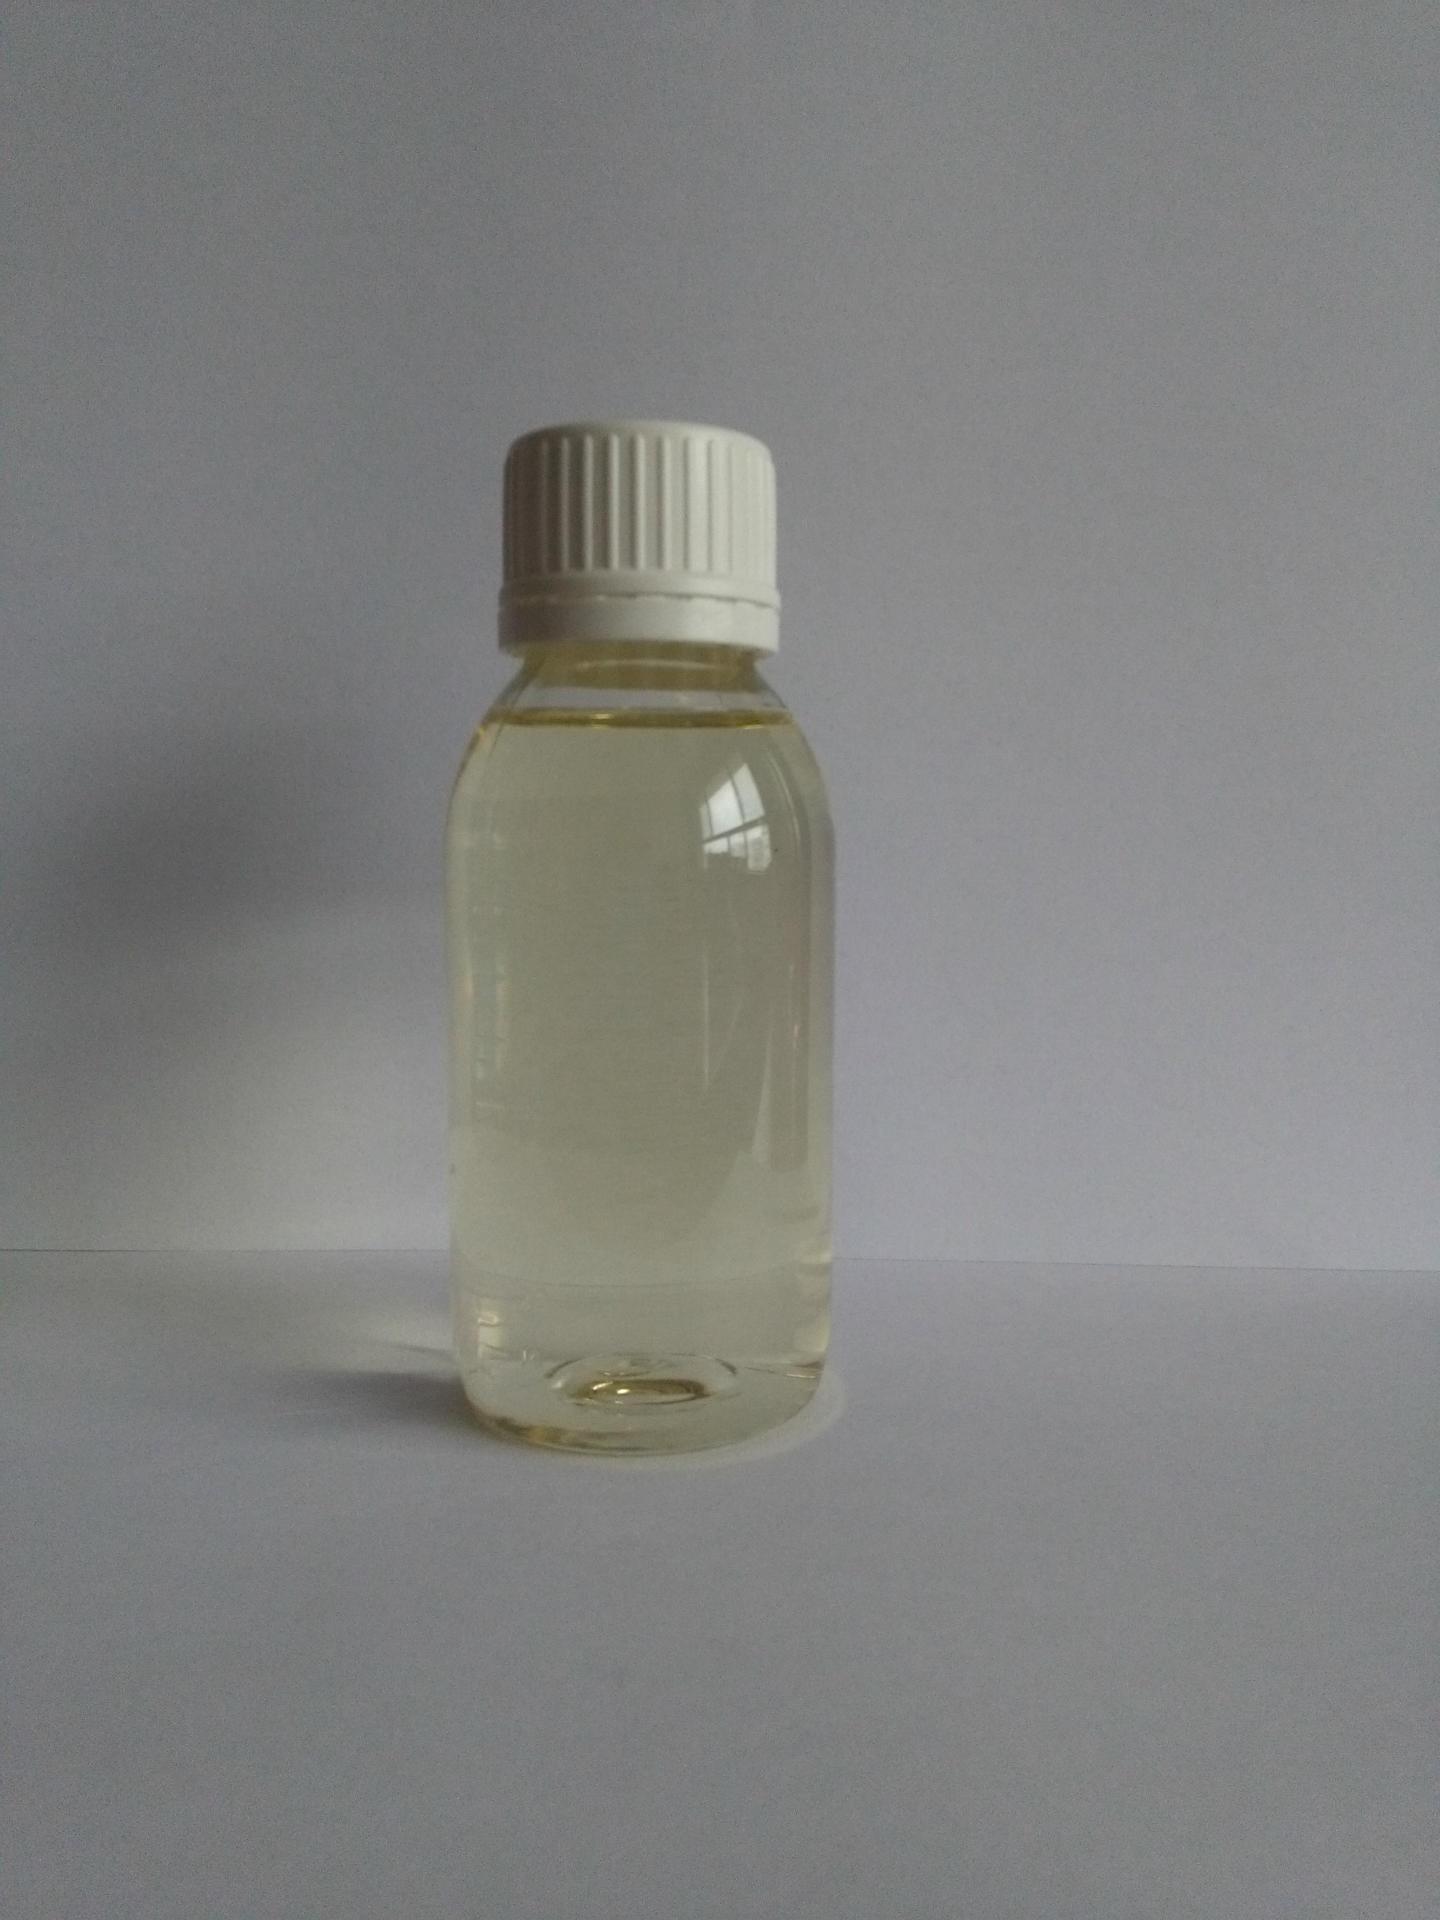 Nhóm hữu cơ (Hydrôcacbon) Cung cấp L + axit lactic 88% và các sản phẩm loạt sữa